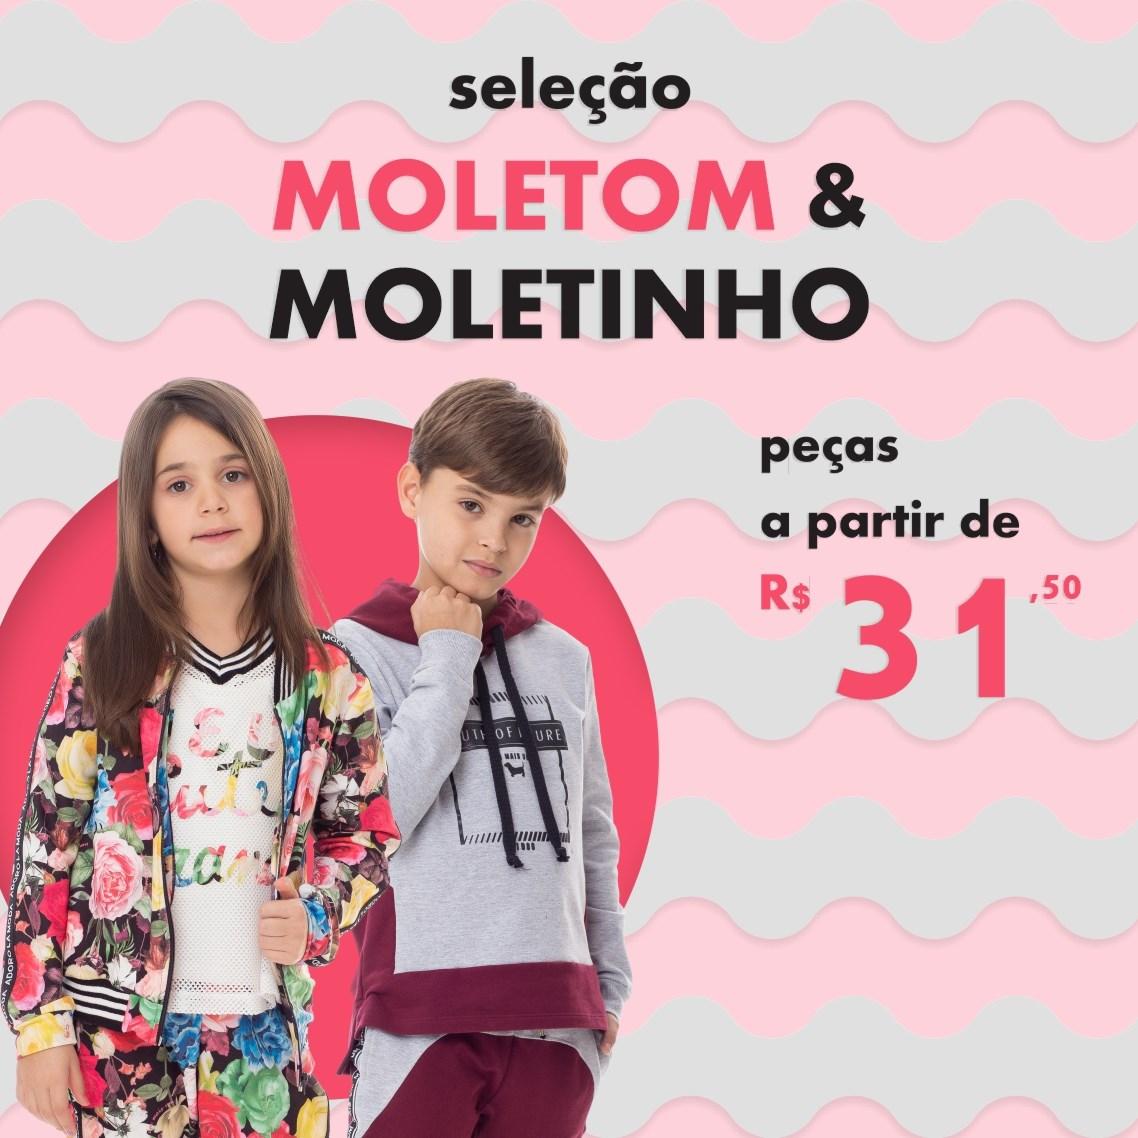 Conheça nossa seleção especial de Moletom & Moletinho